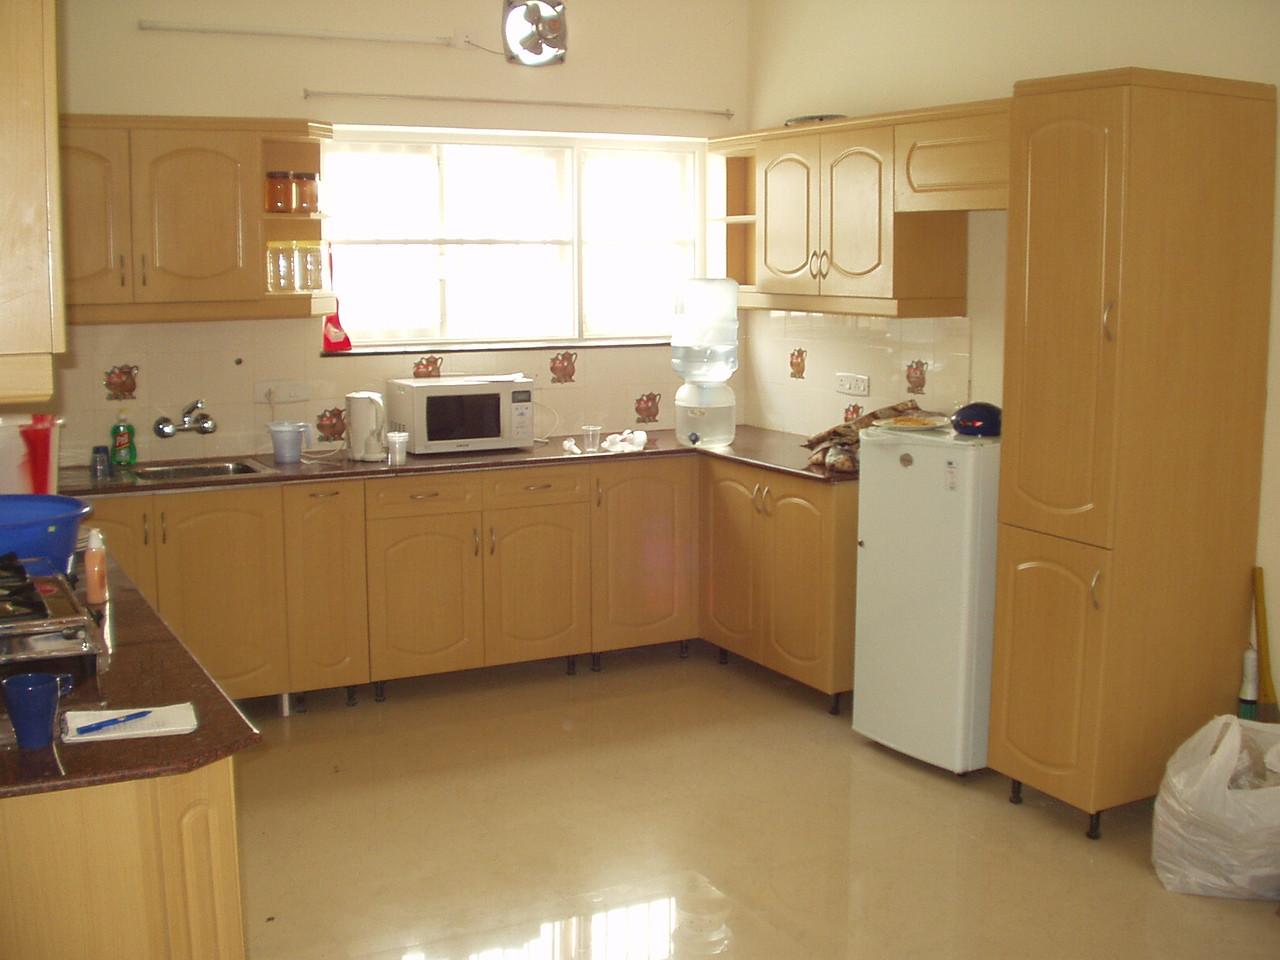 22 September: New flat